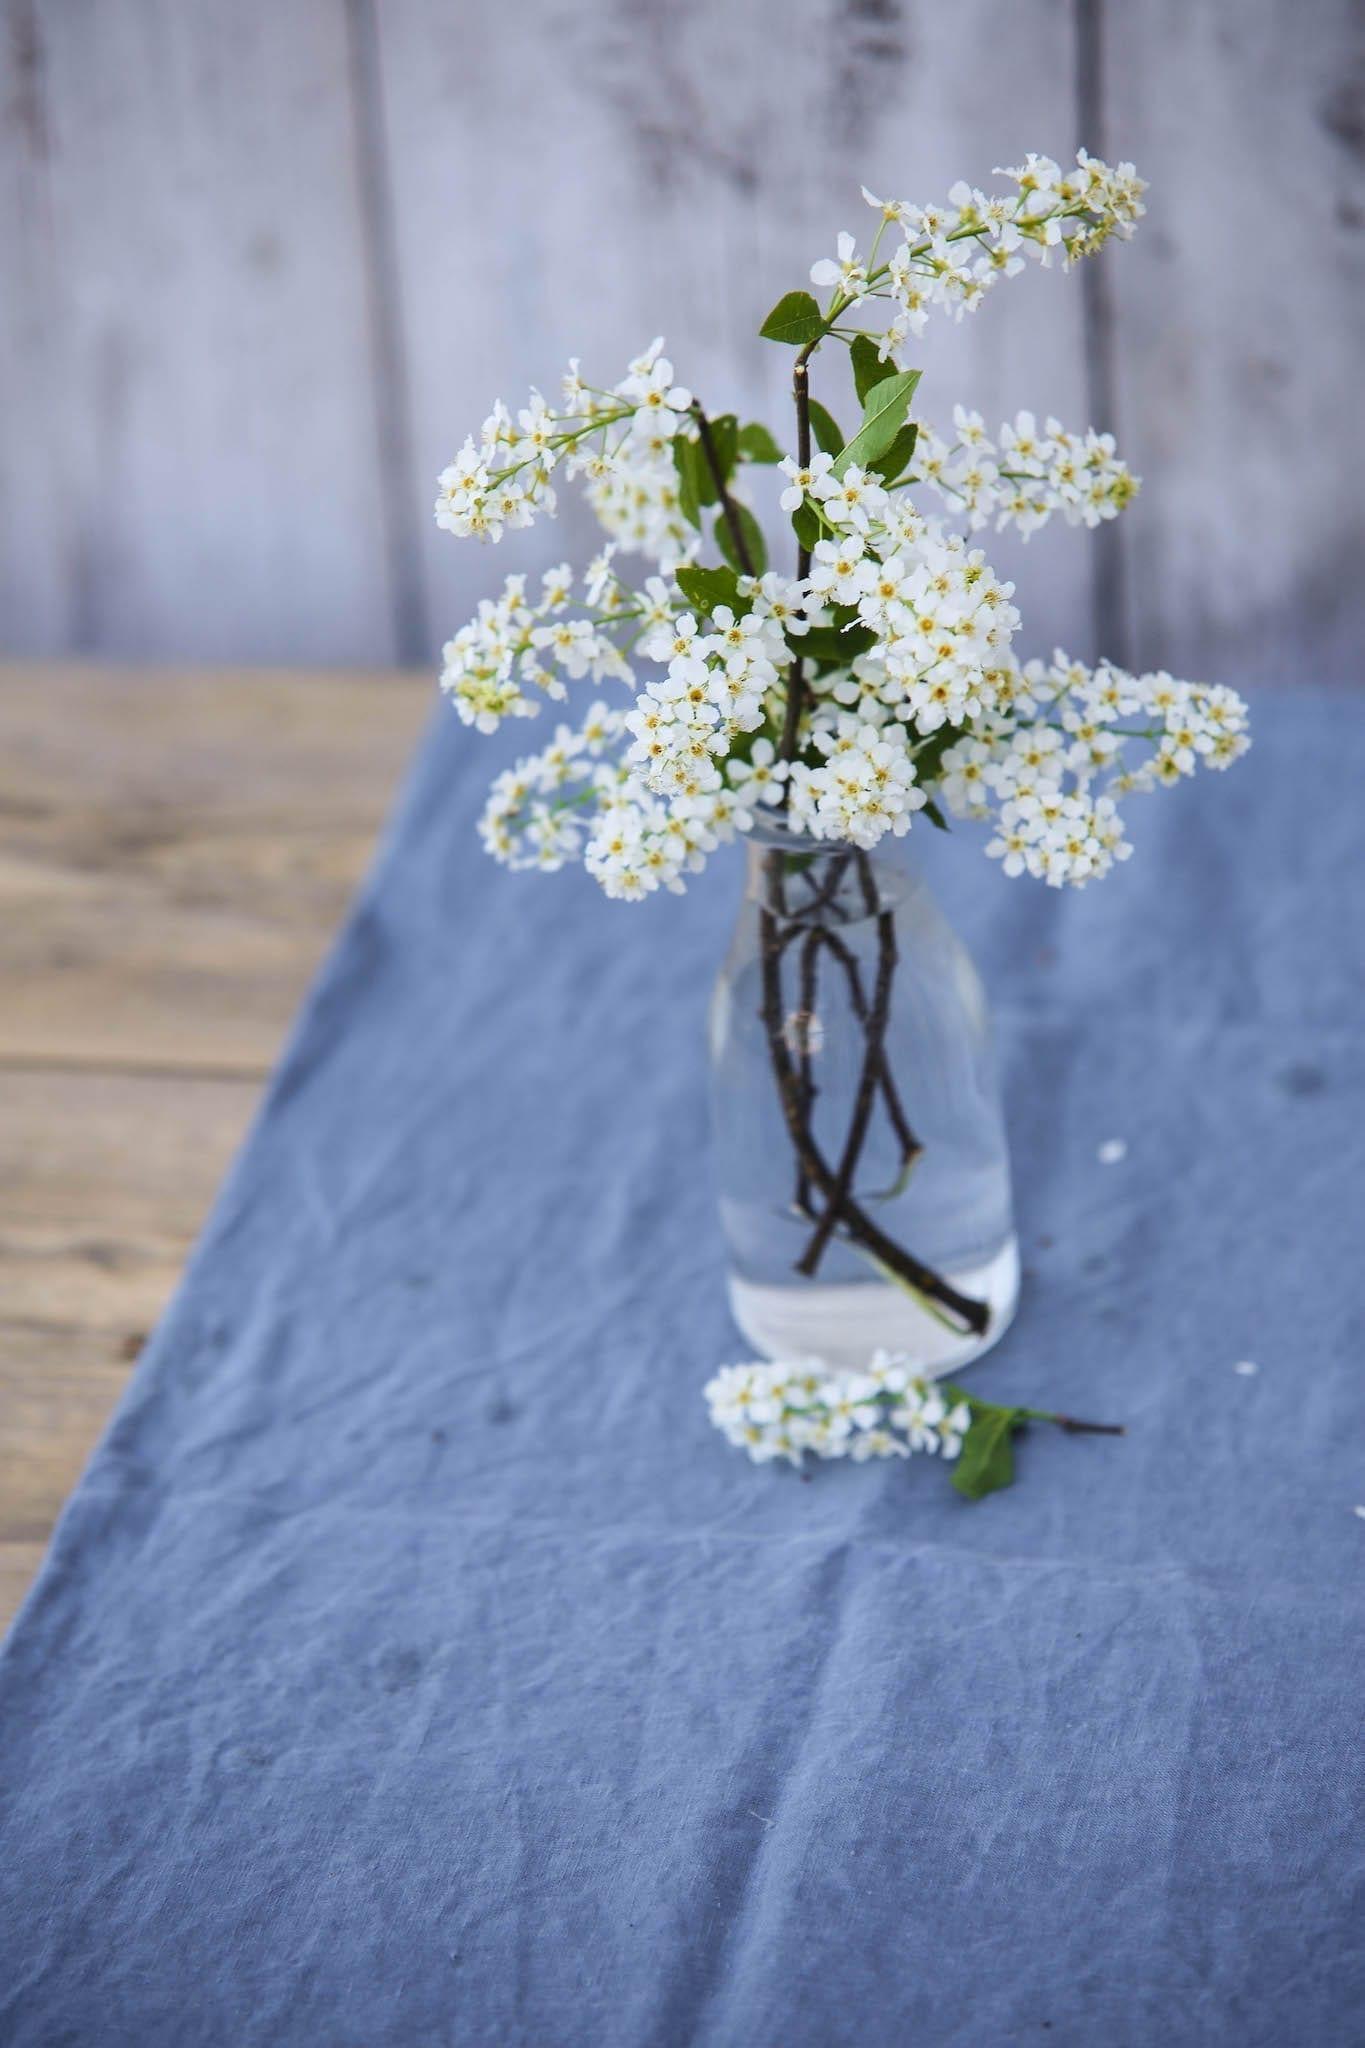 Blue Linen Tablecloth by MagicLinen